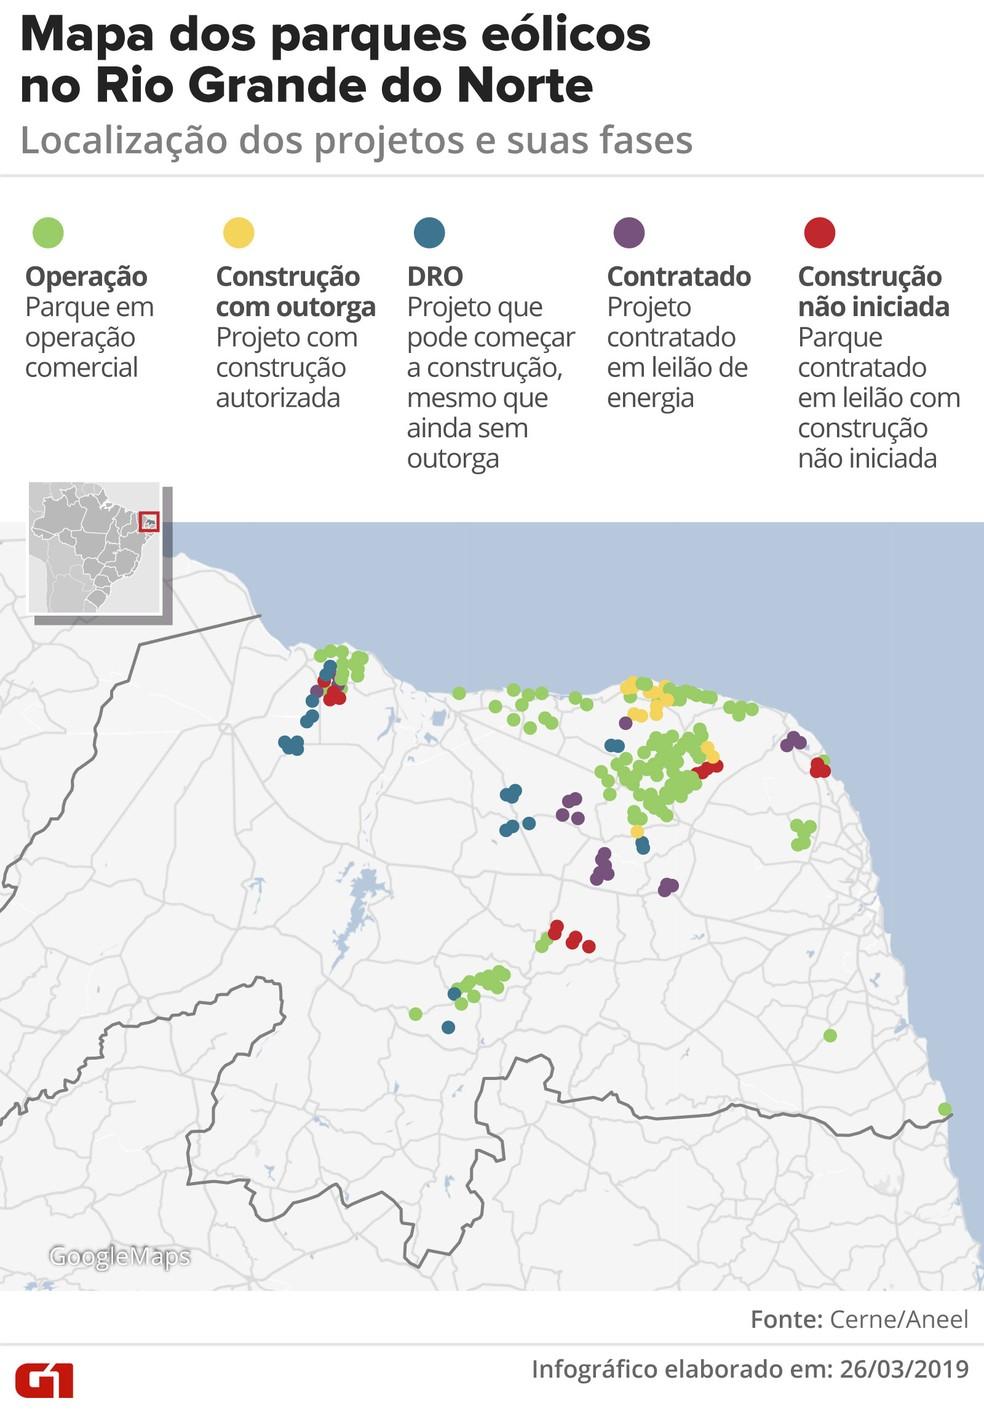 Mapa dos parques eólicos no Rio Grande do Norte — Foto: Infográfico: Roberta Jaworski/G1